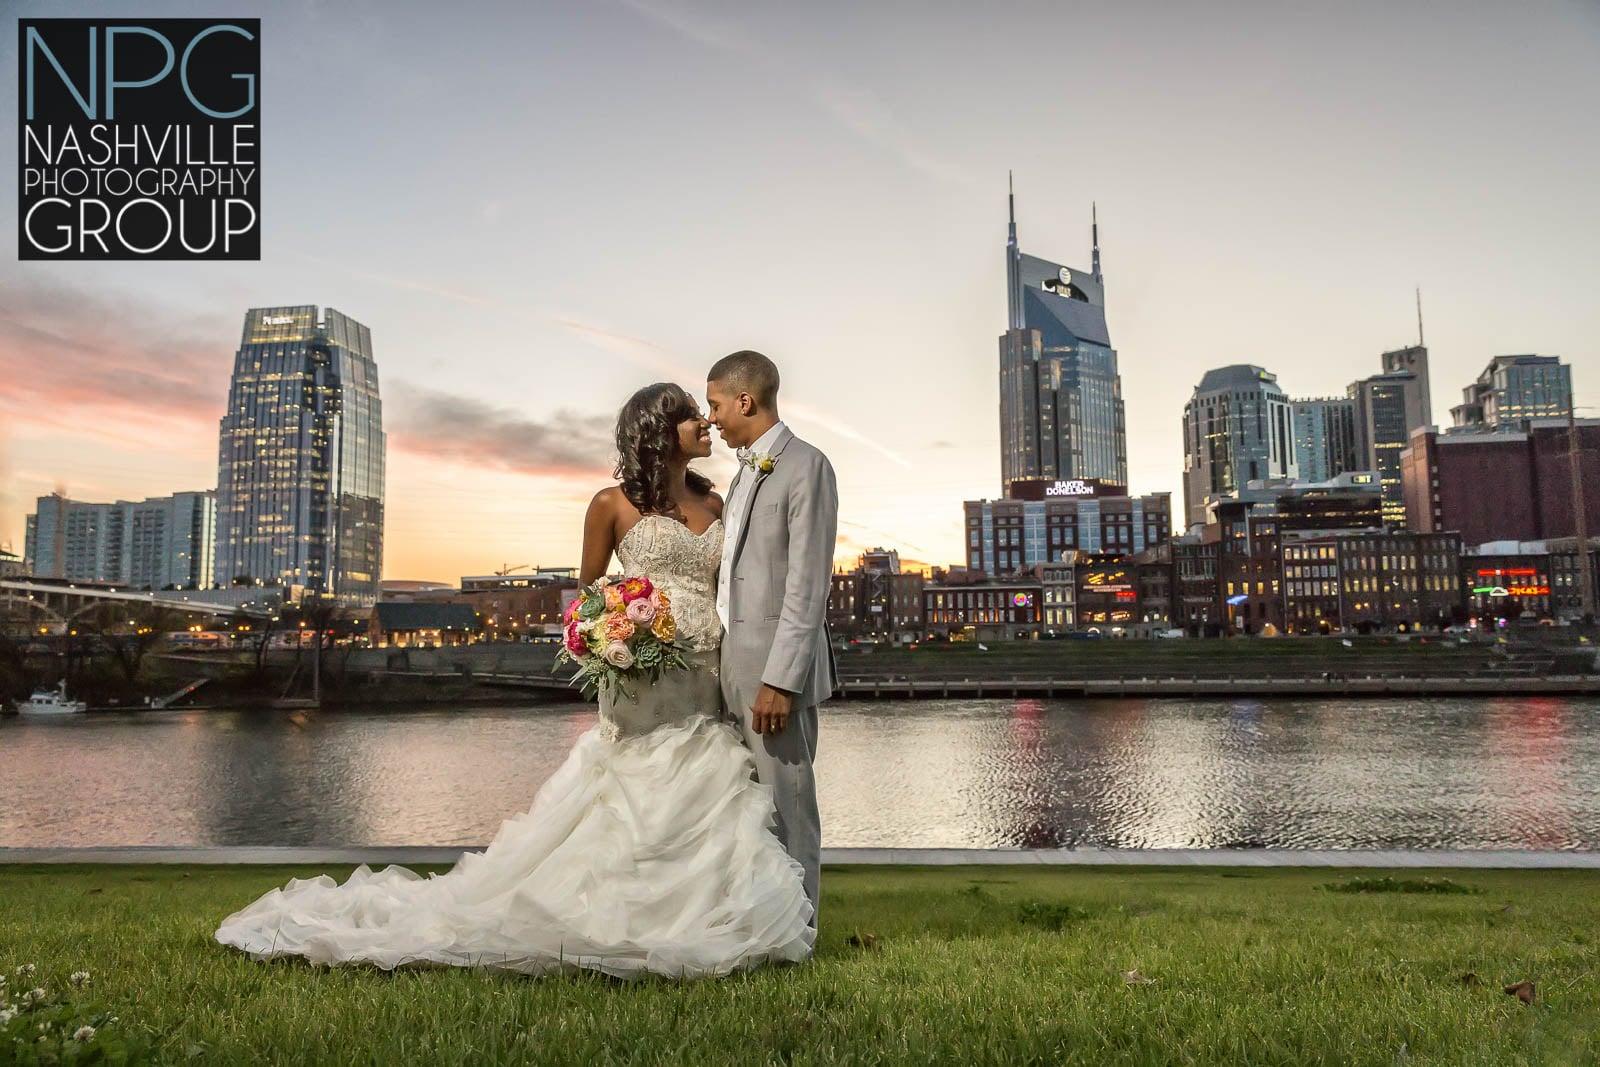 Nashville Photography Group wedding photographers1.jpg